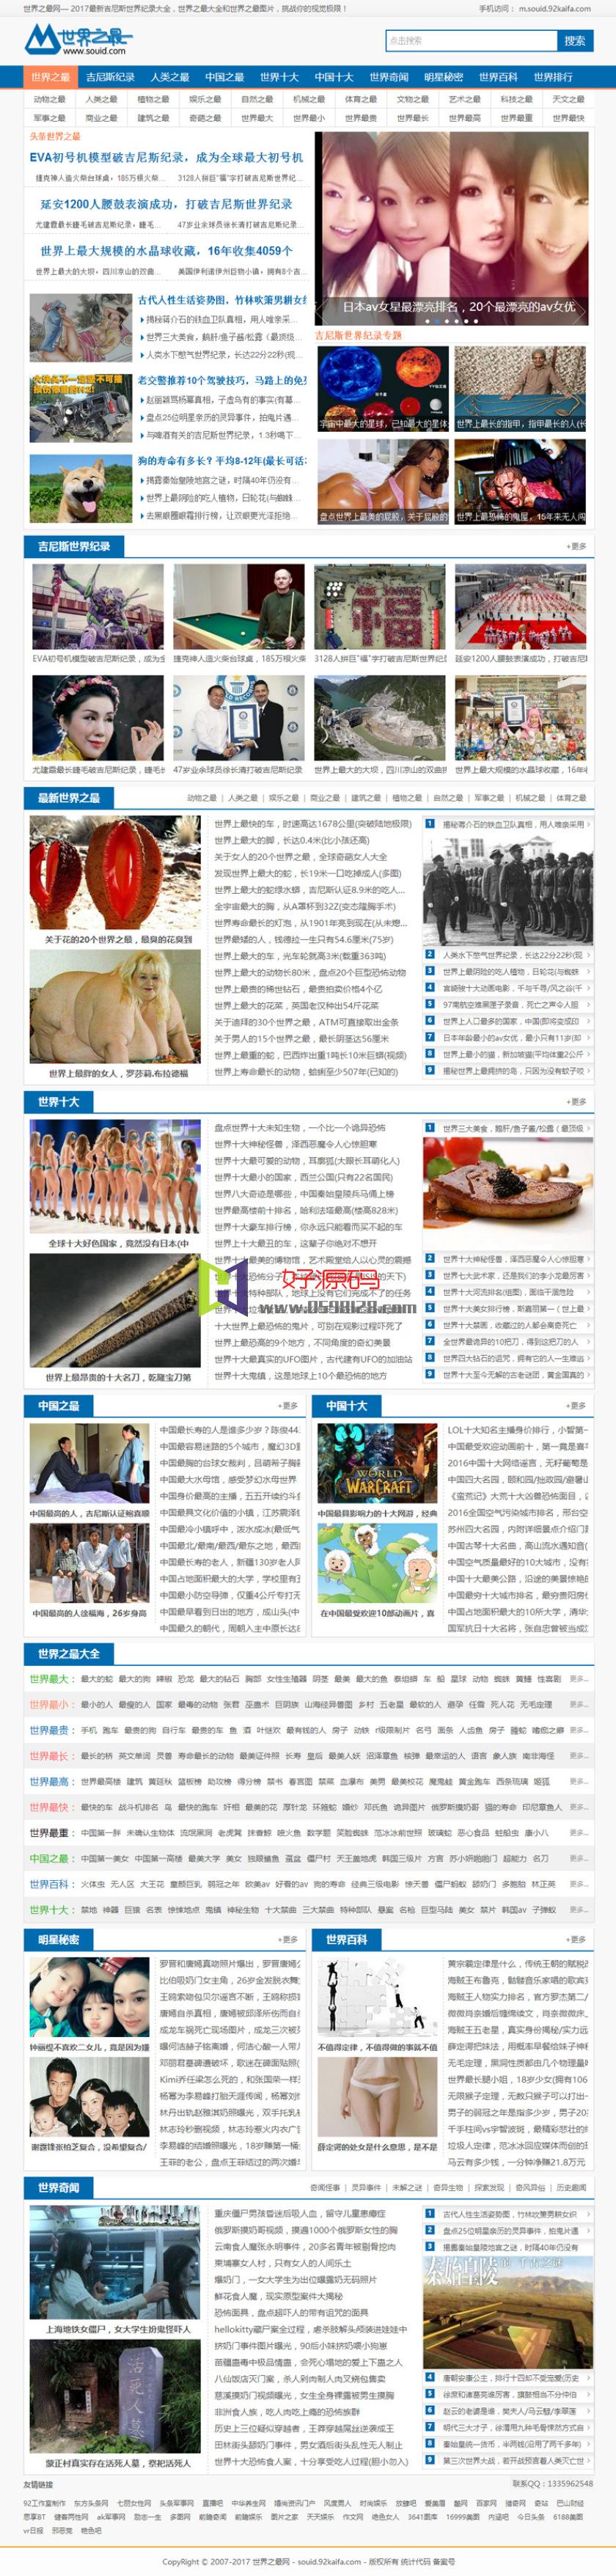 最新92kaifa仿《世界之最》完整版源码分享, 帝国CMS内核开发资讯类网站源码带手机版